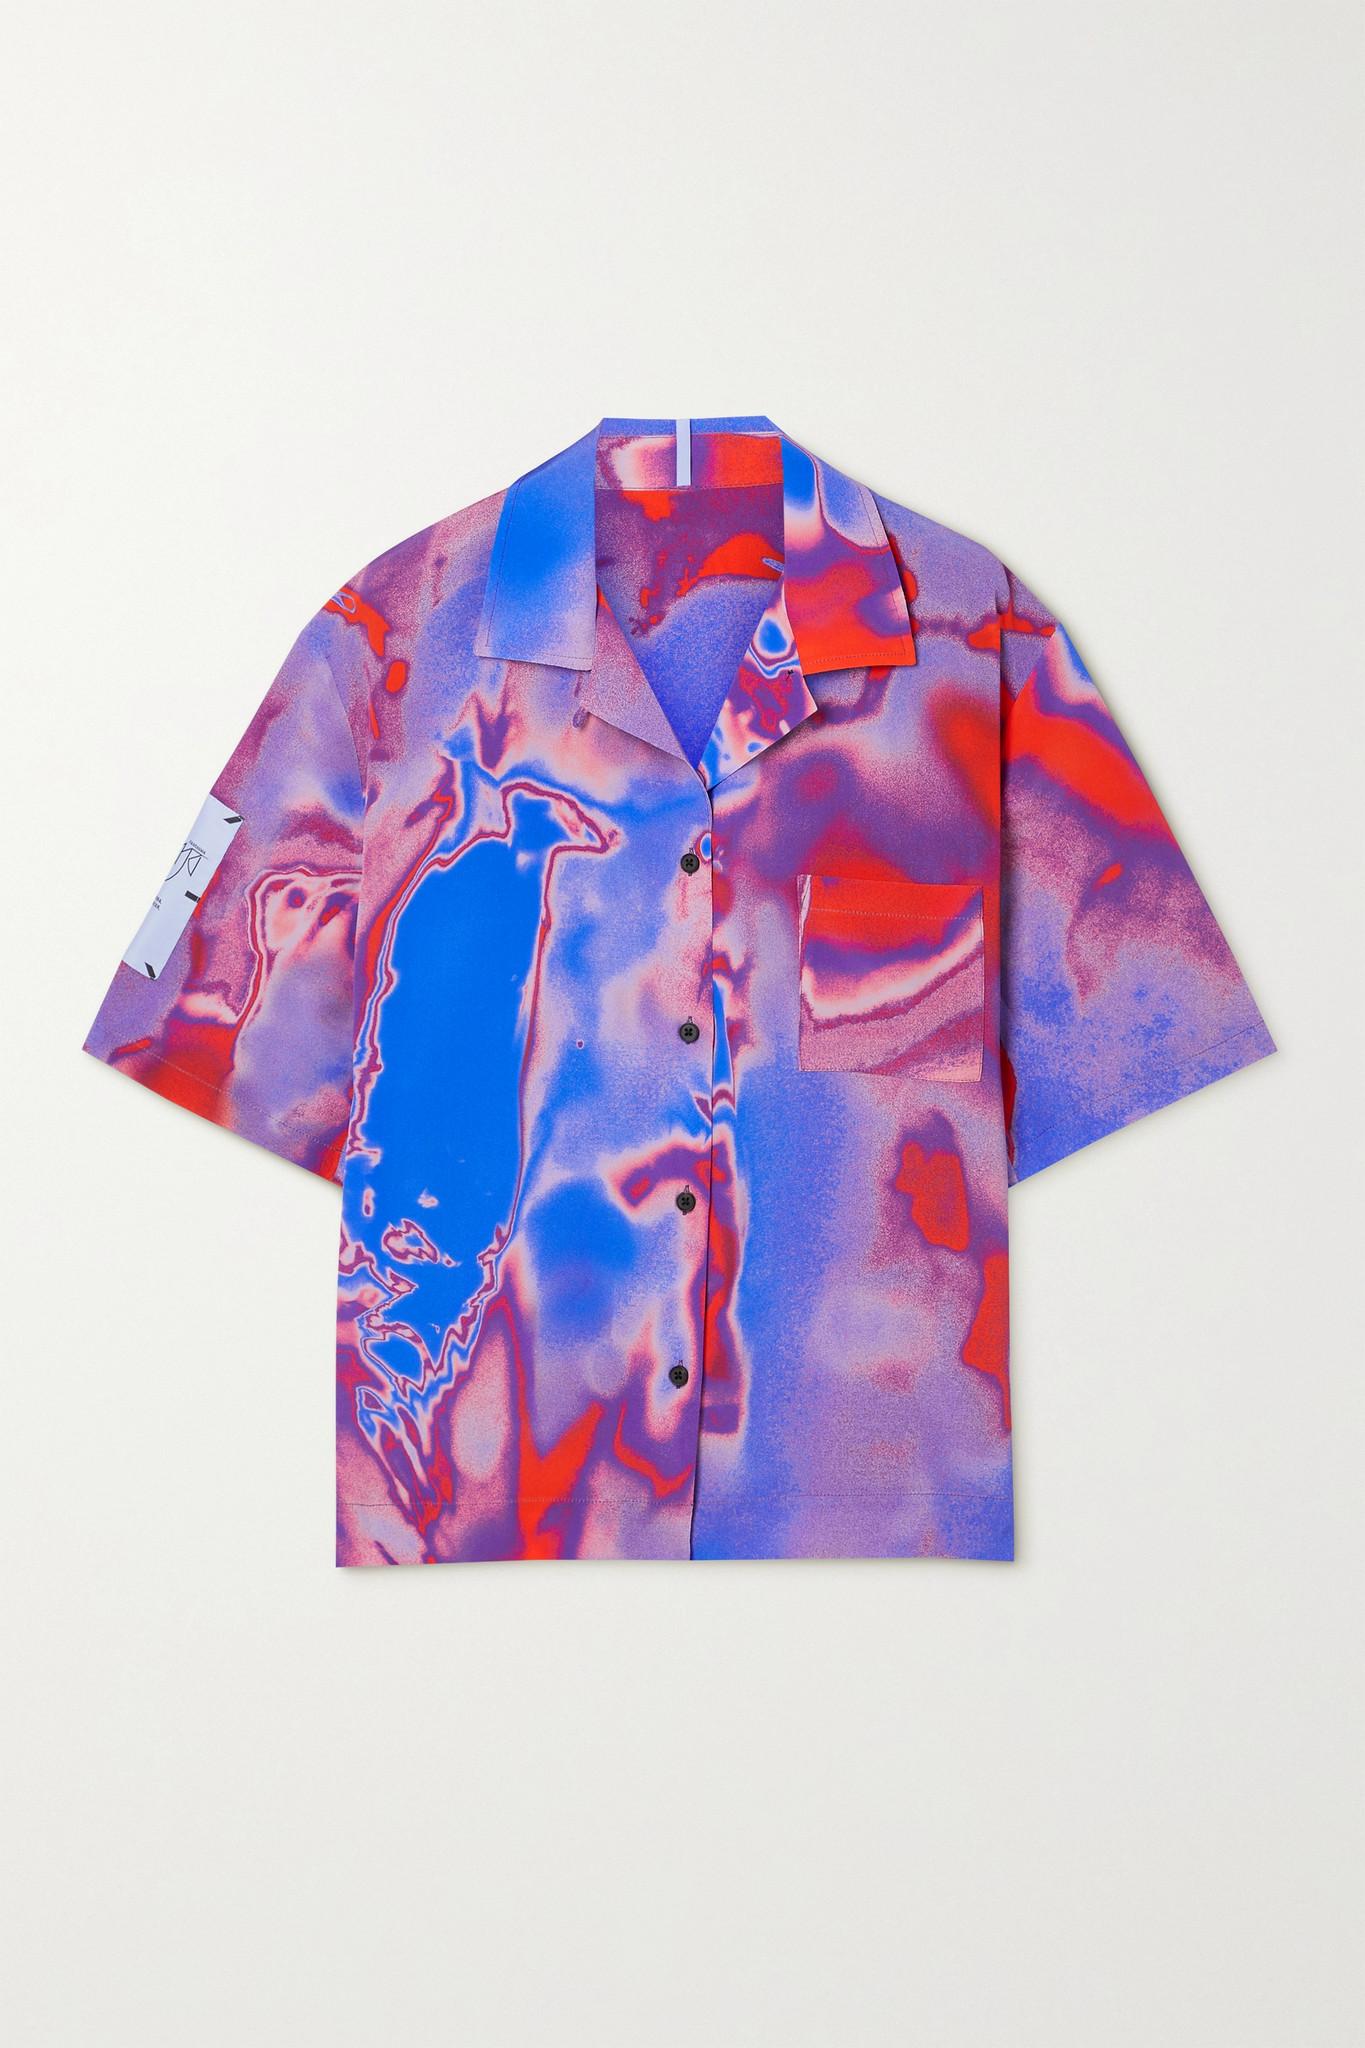 MCQ ALEXANDER MCQUEEN - Fantasma Appliquéd Printed Silk-crepe Shirt - Purple - x small